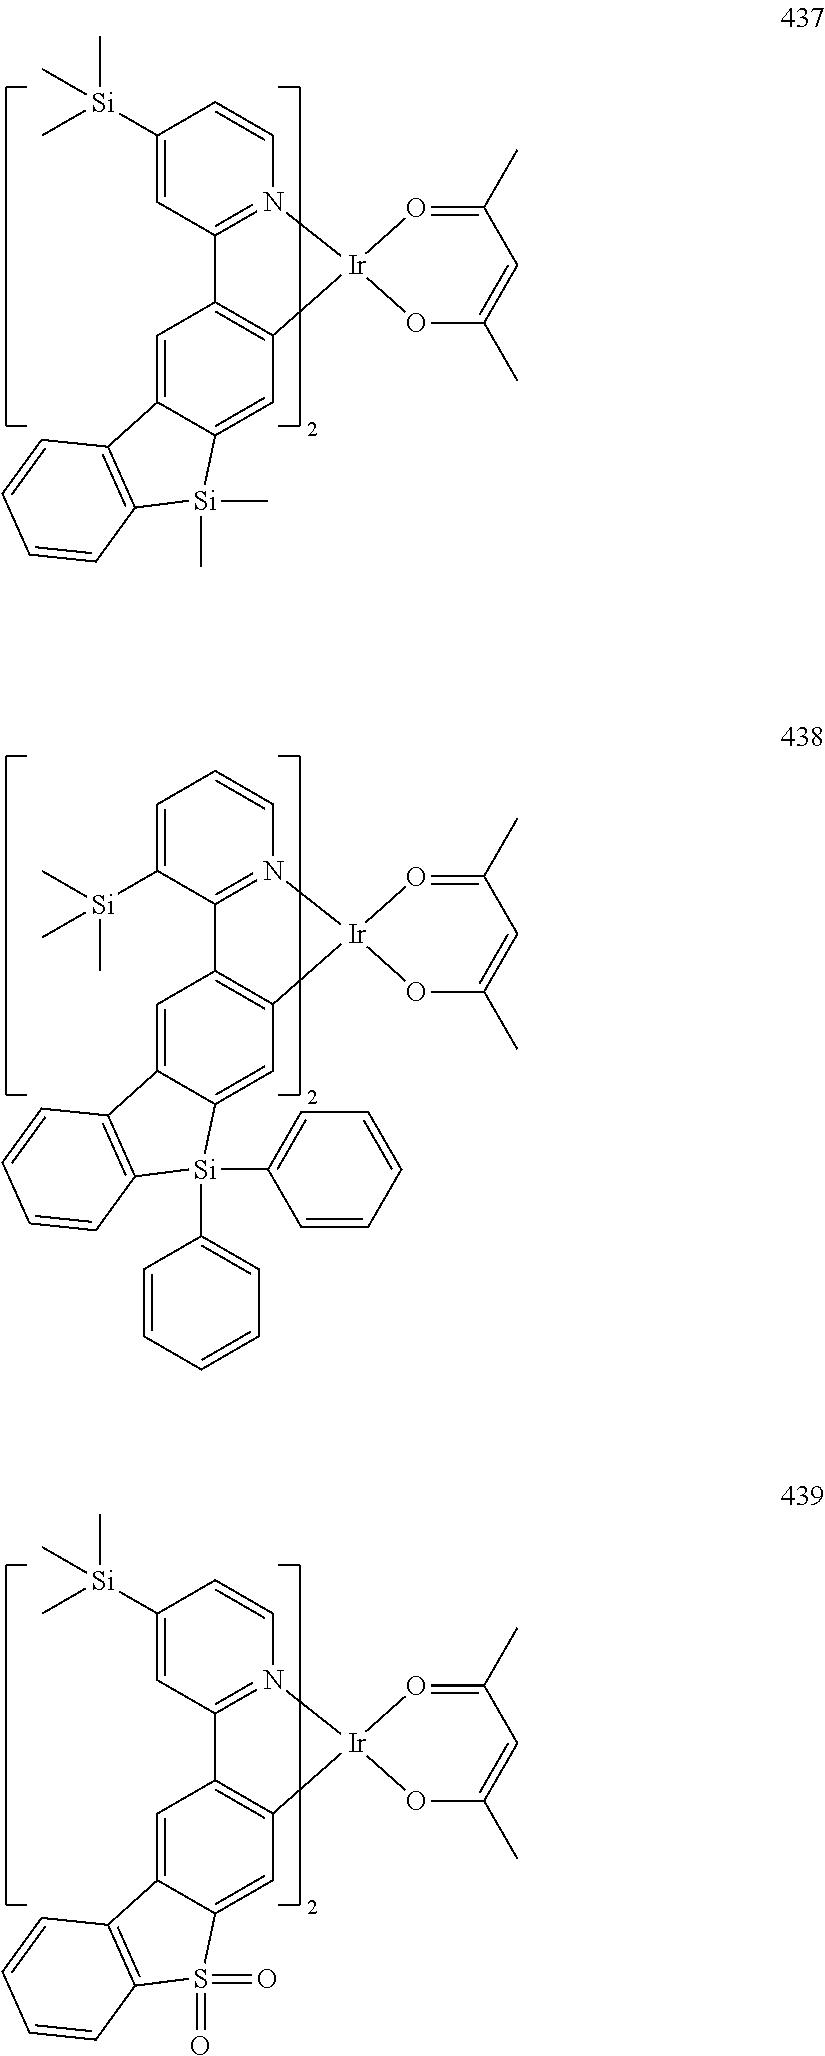 Figure US20160155962A1-20160602-C00191